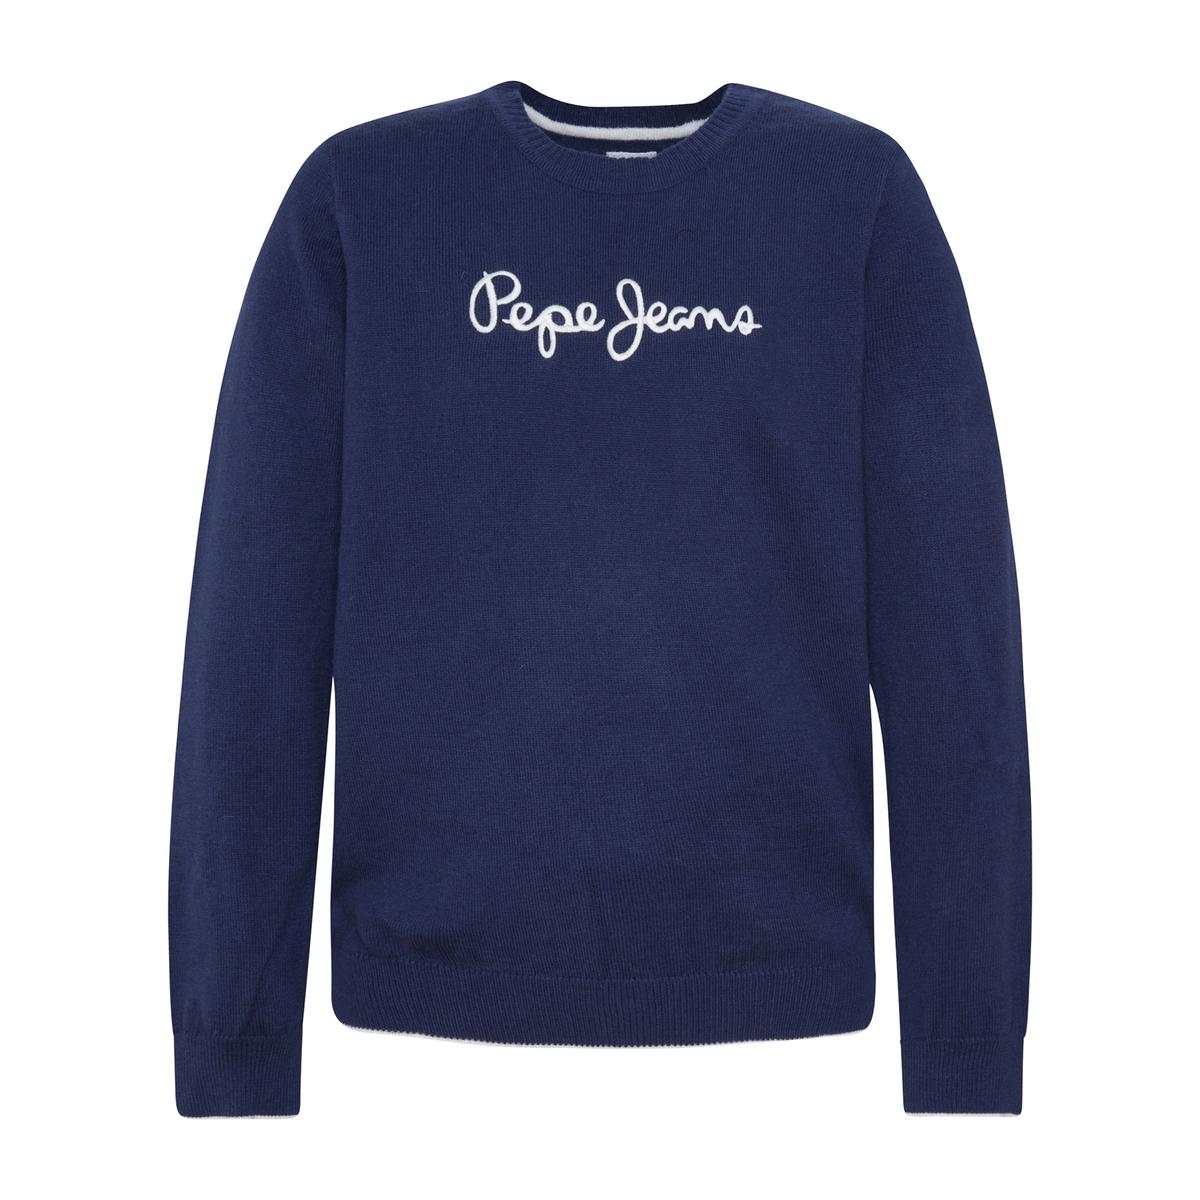 Пуловер La Redoute 10 лет - 138 см синий брюки la redoute 10 лет 138 см зеленый